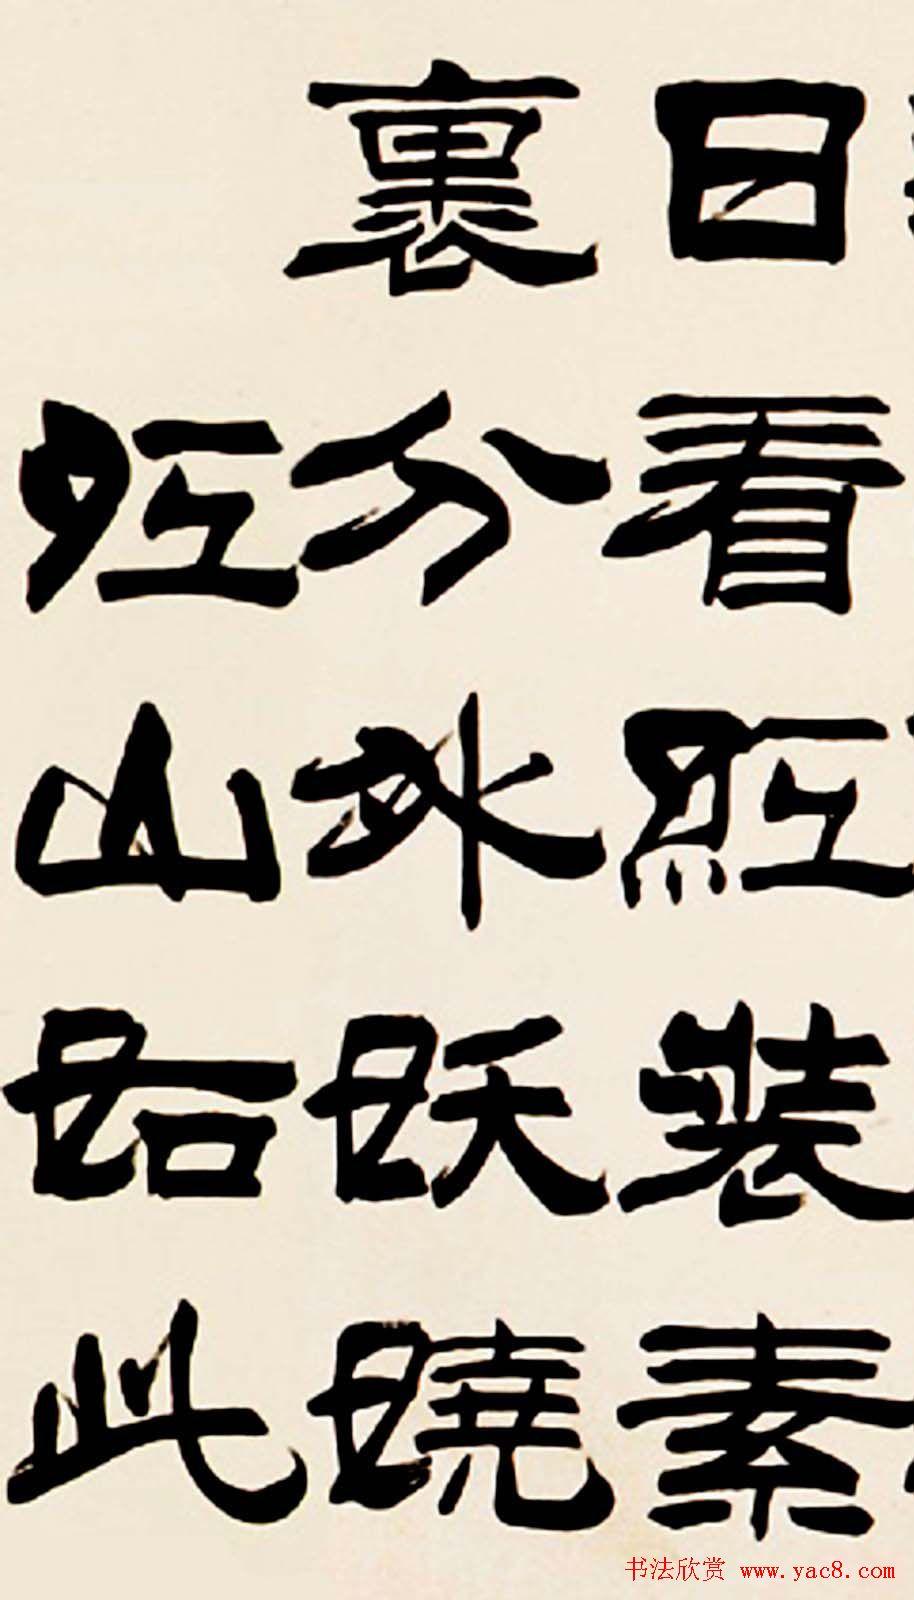 刘炳森隶书欣赏 沁园春雪 第5页 毛笔书法 书法欣赏